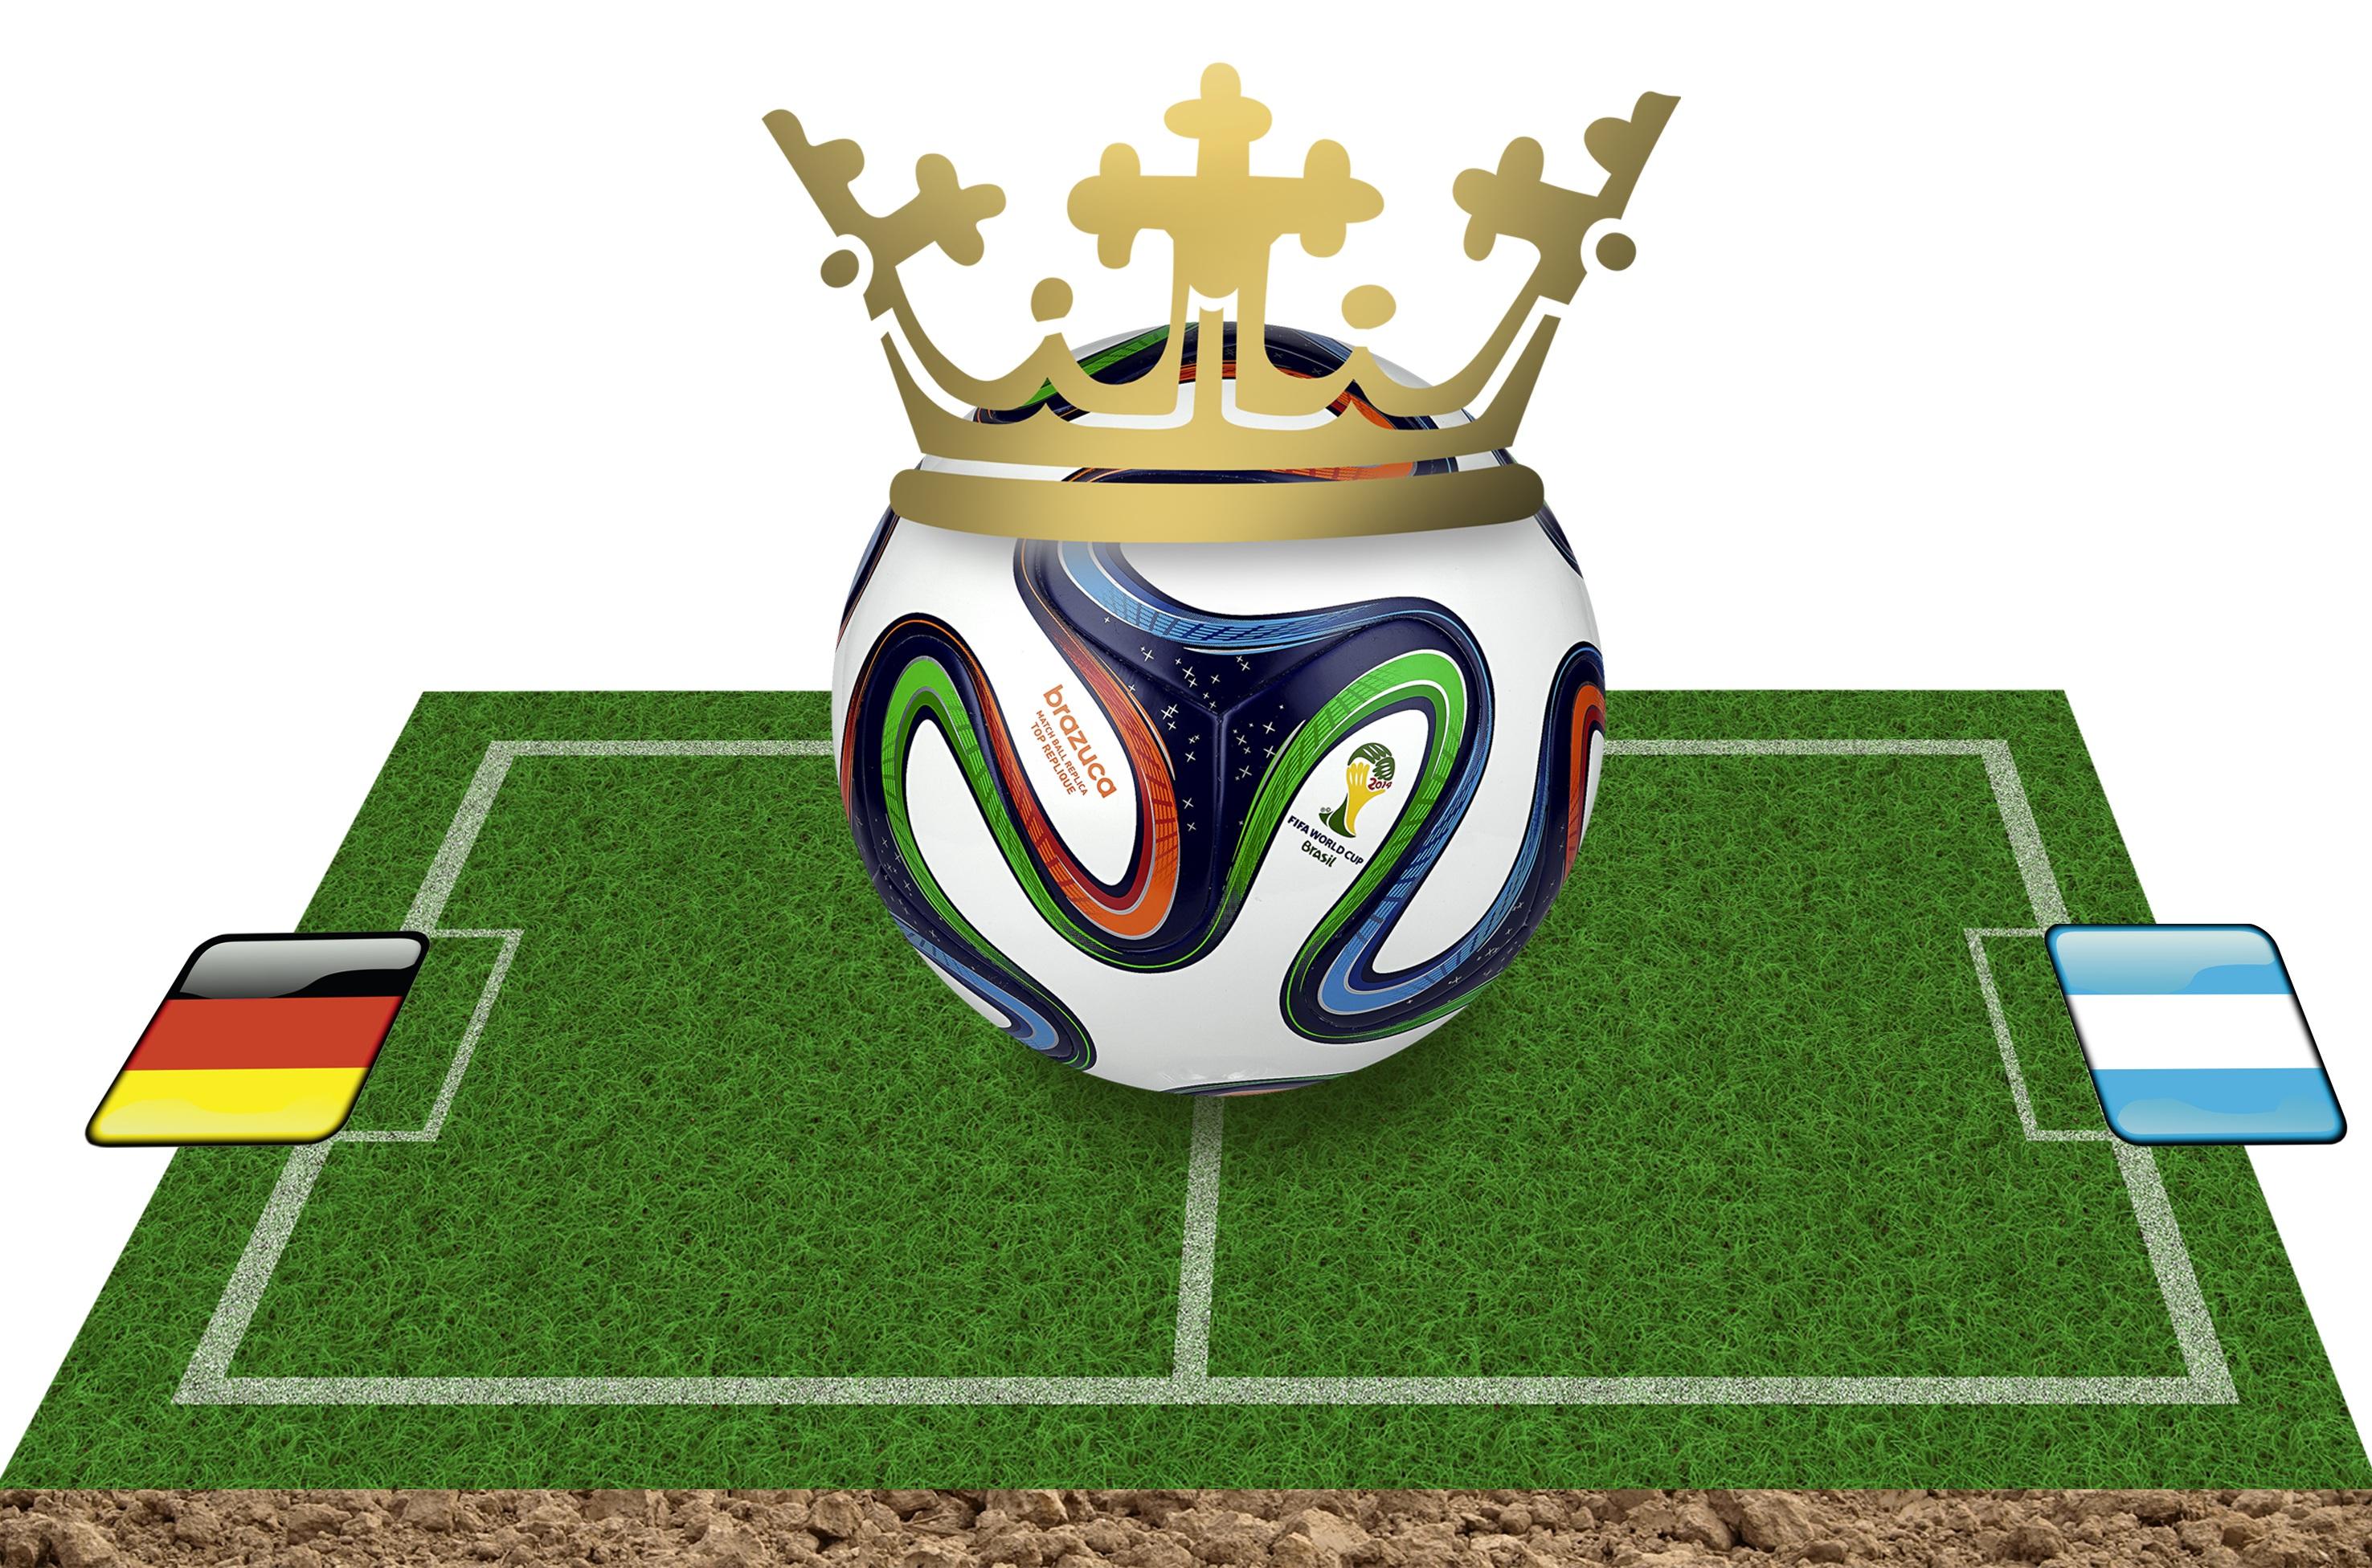 Gambar Simbol Sepak Bola Mahkota Ilustrasi Jerman Argentina